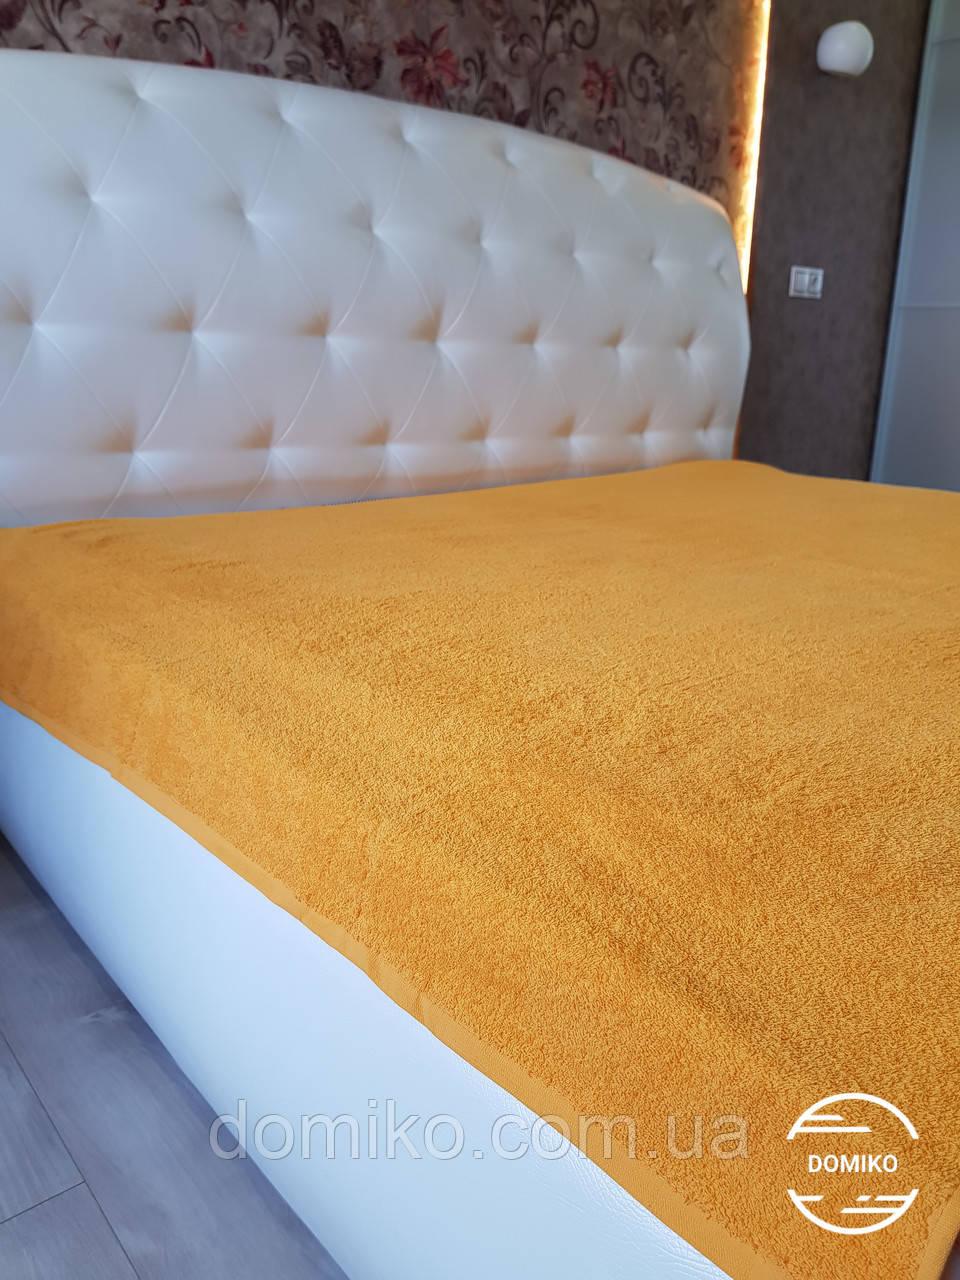 Махровая простынь 150*200 желтая Узбекистан